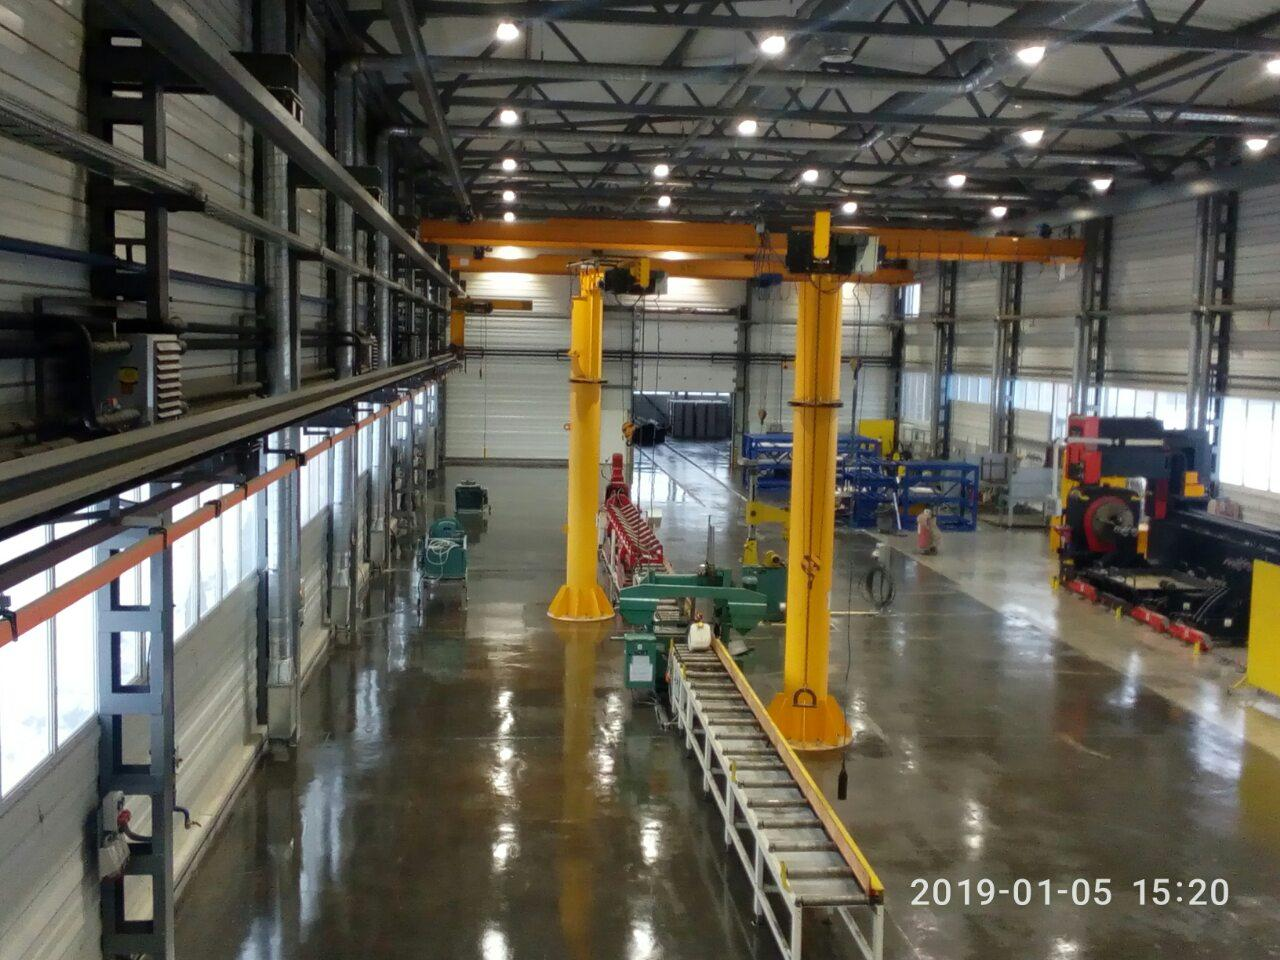 Ремонт промислових наливних бетонних підлог знепилювання зміцнення